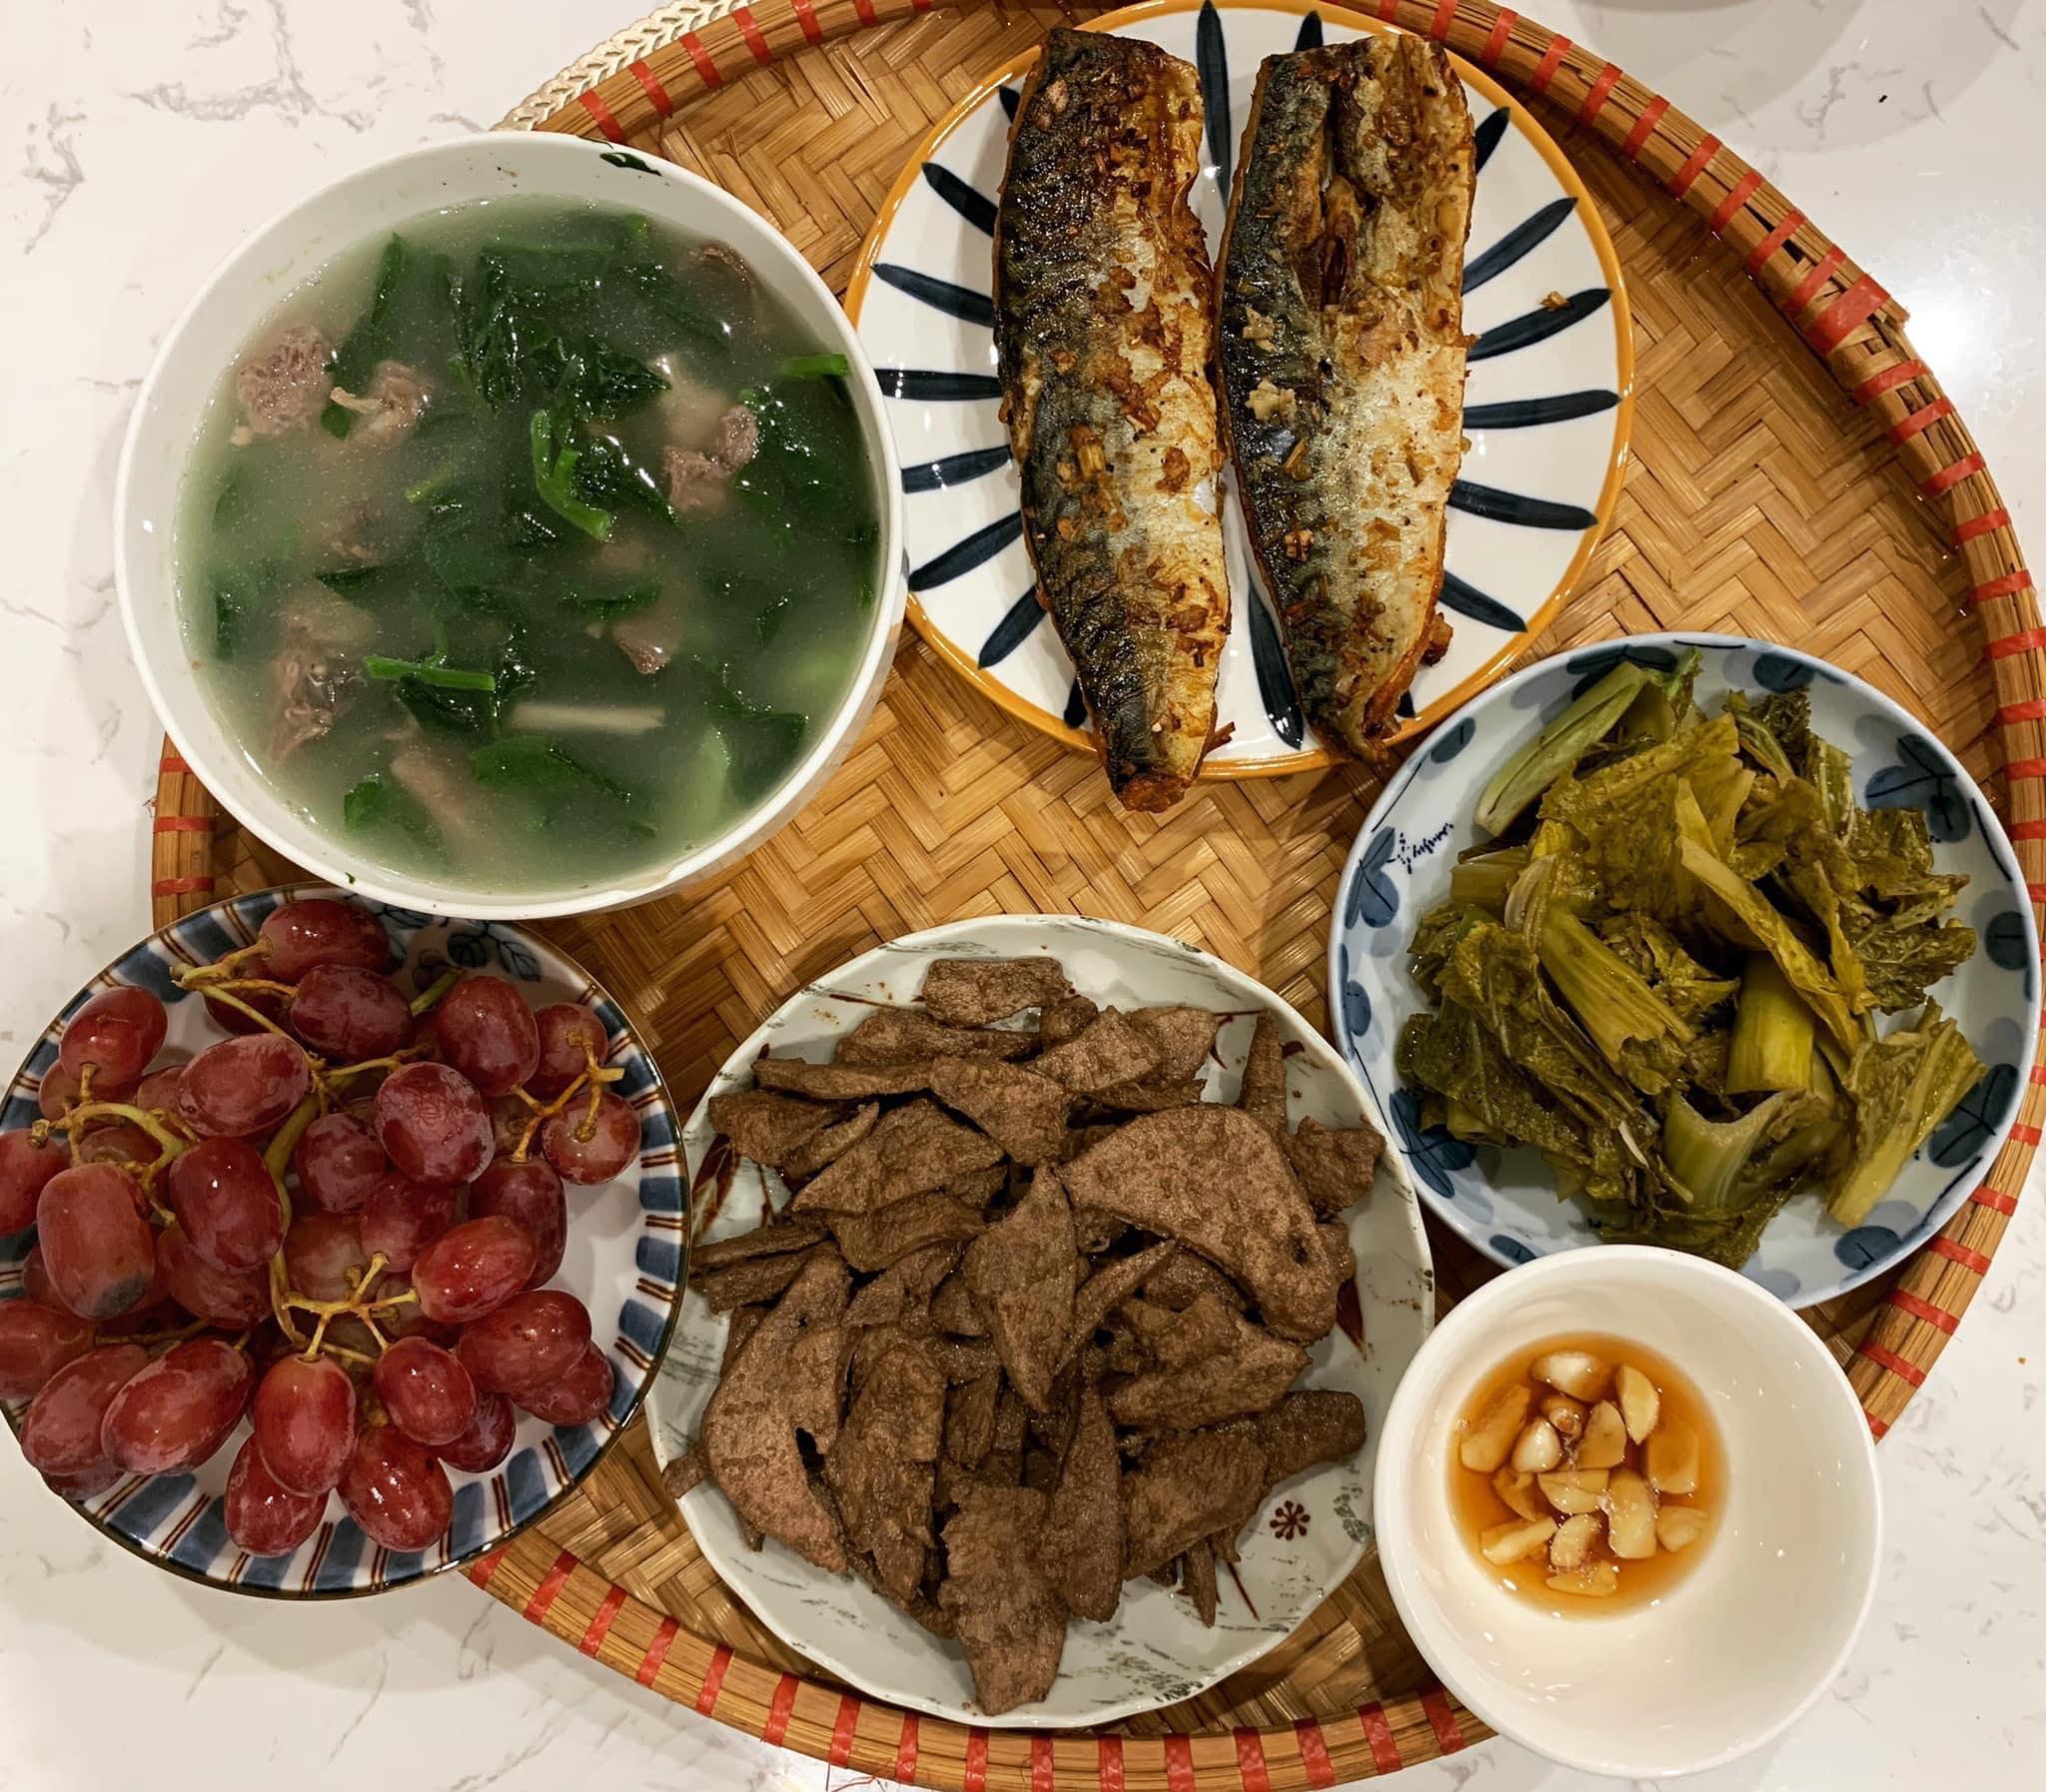 Chi phí chỉ từ 100k nhưng mỗi bữa cơm của bà nội trợ Hà Nội đều tươm tất đủ món thơm ngon, bổ dưỡng cho mọi thành viên gia đình - Ảnh 16.